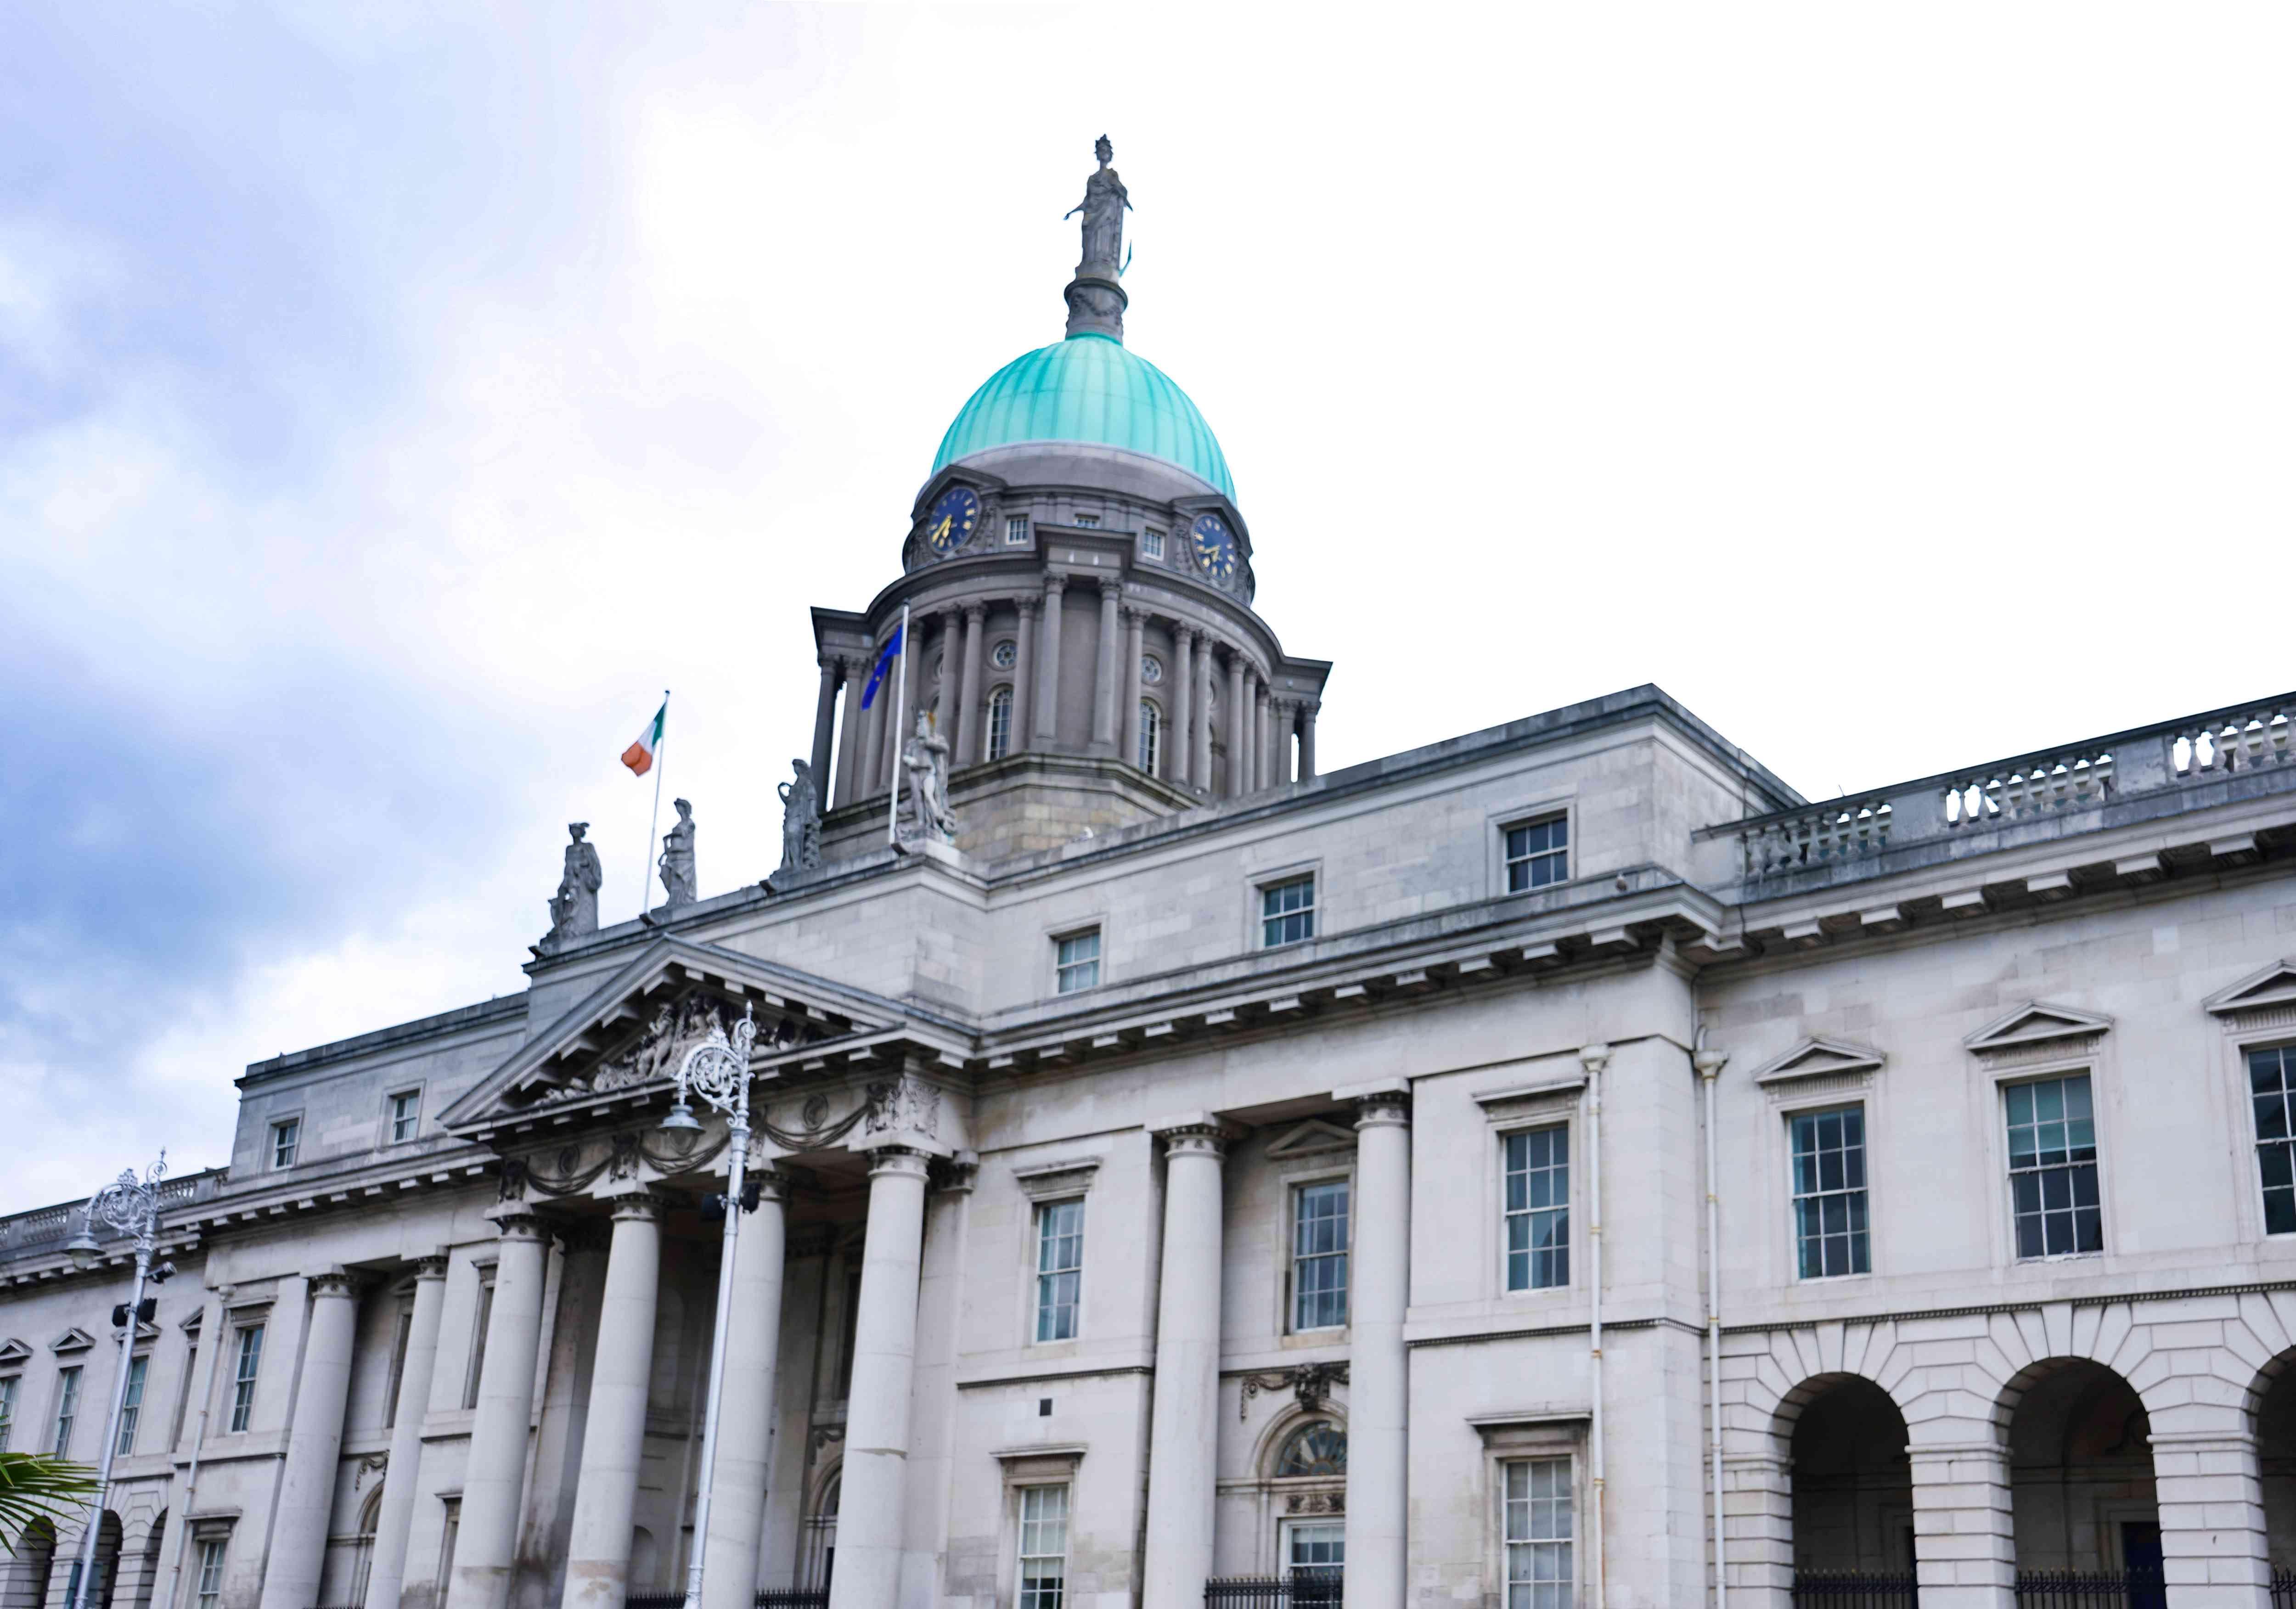 The Custom House in Dublin, Ireland